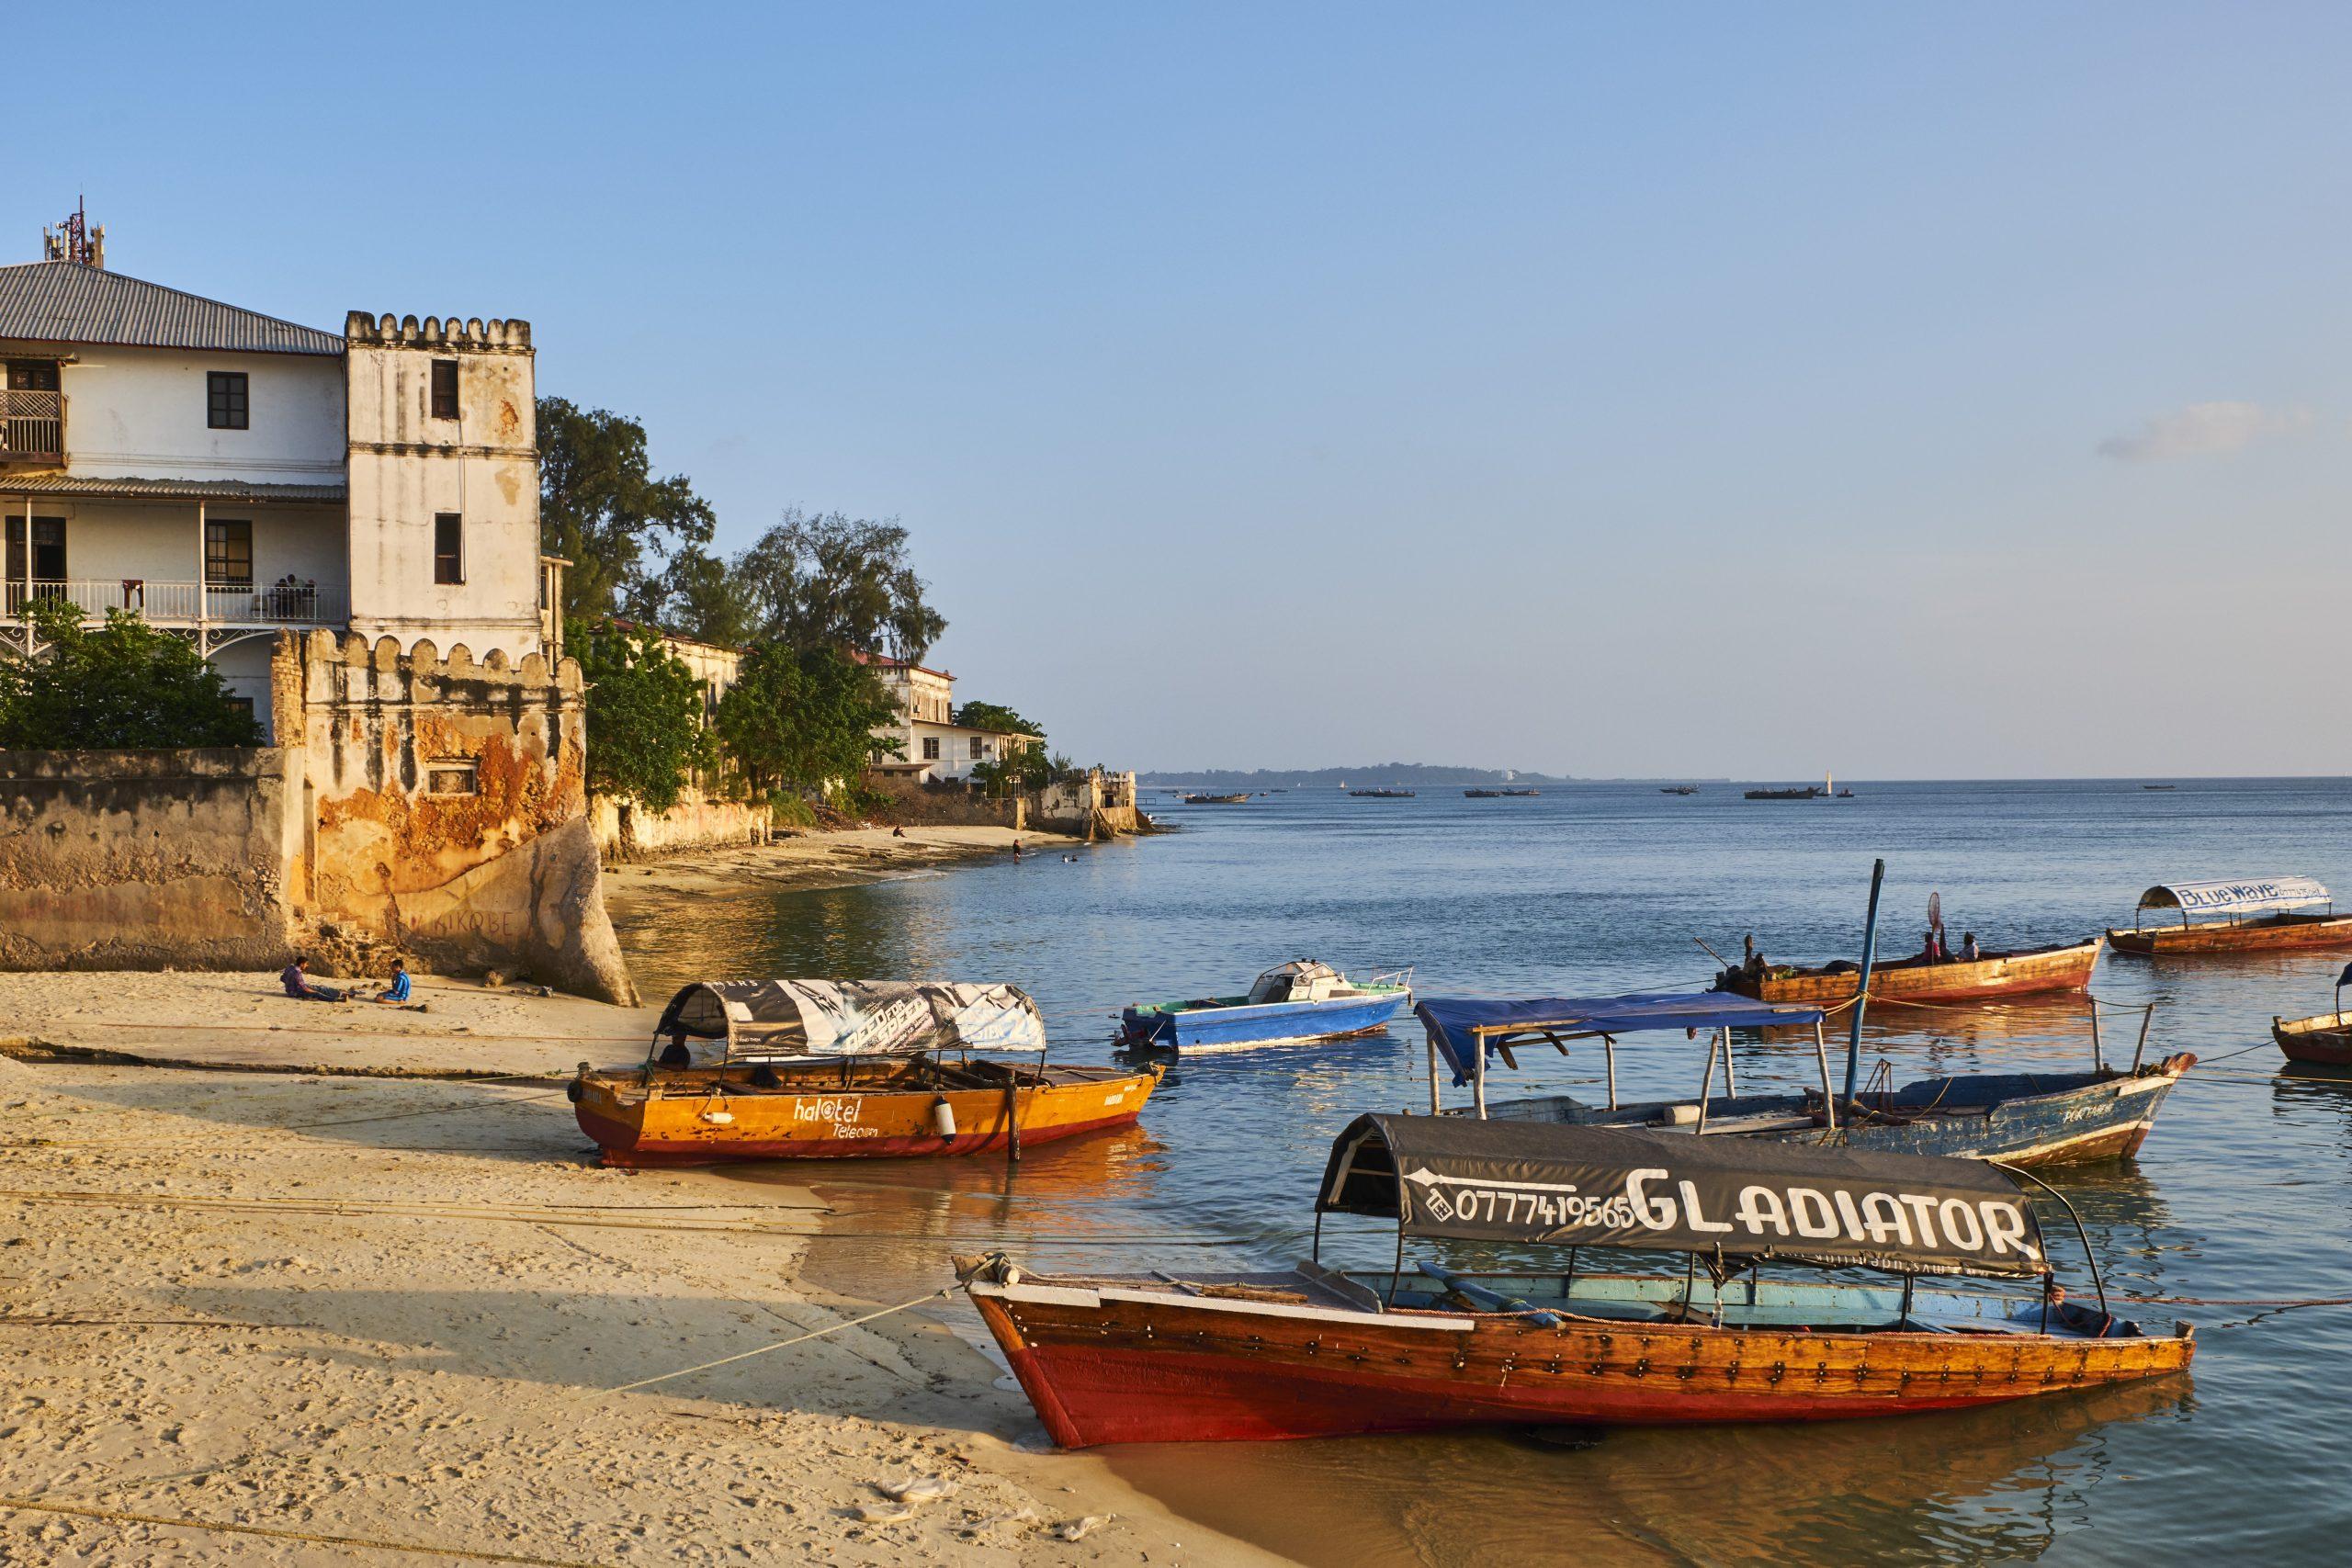 Tanzania, Zanzibar island, Stone Town